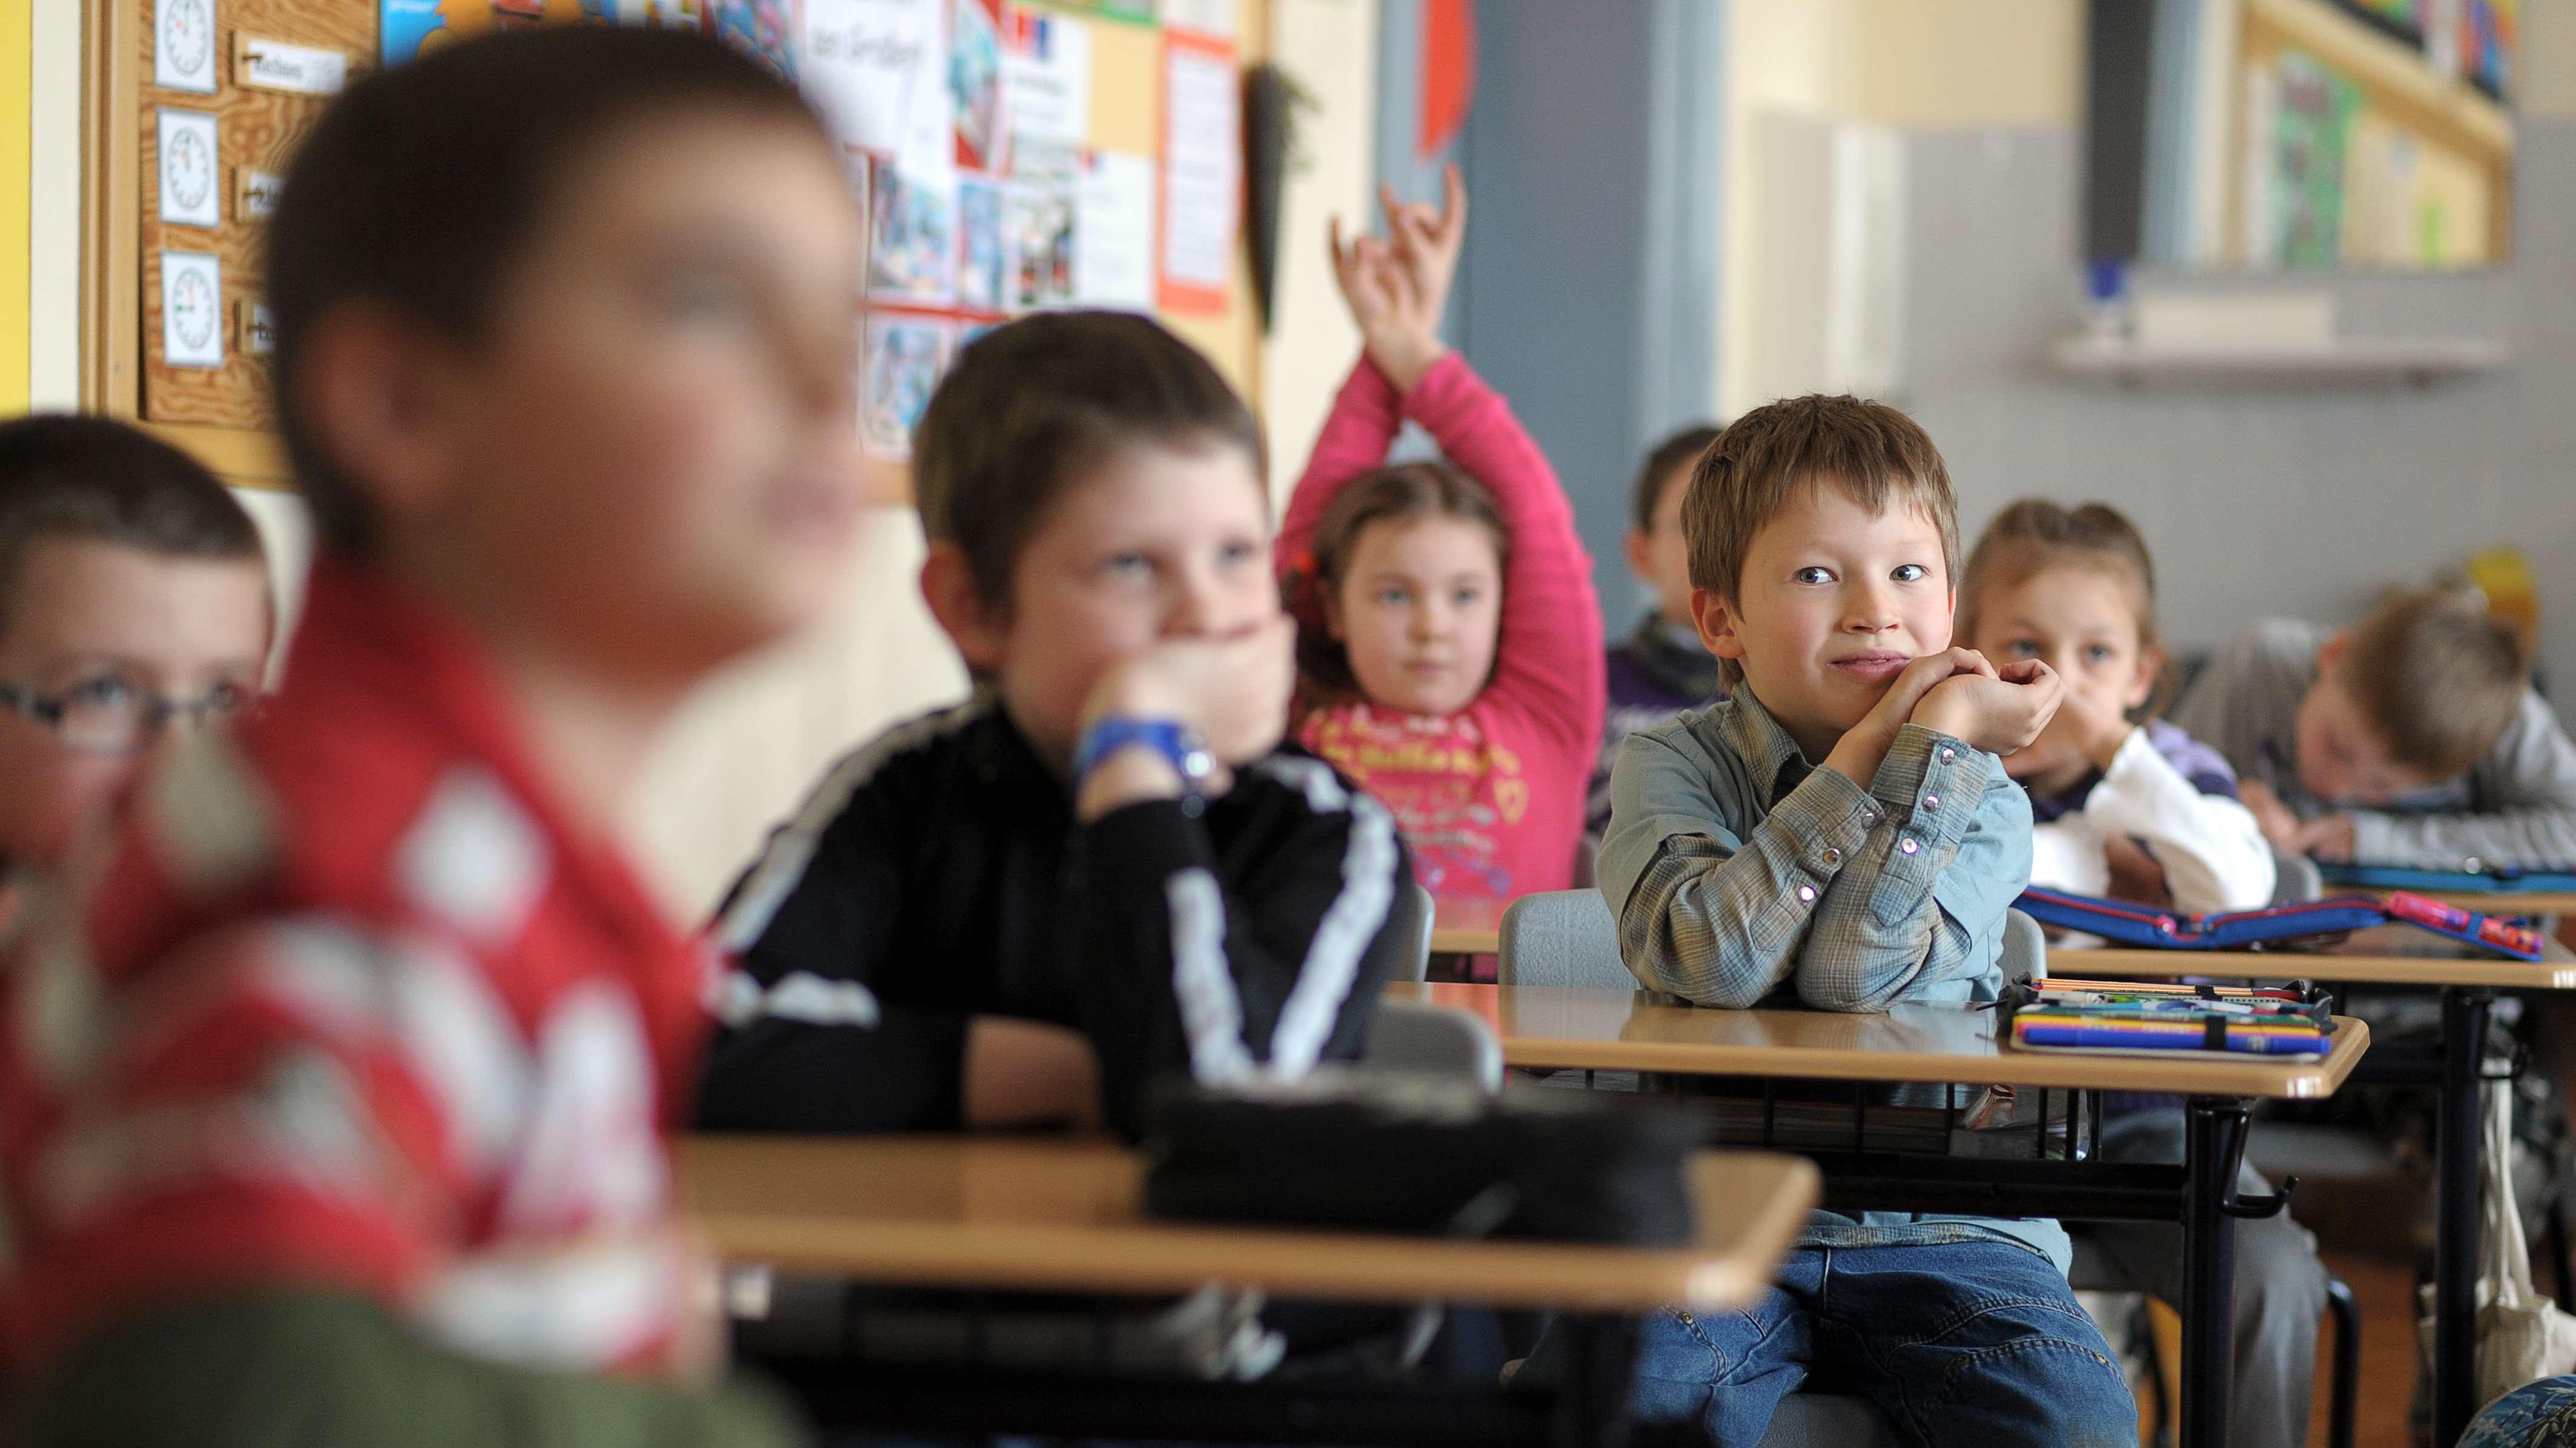 Kinder in einer Grundschulklasse